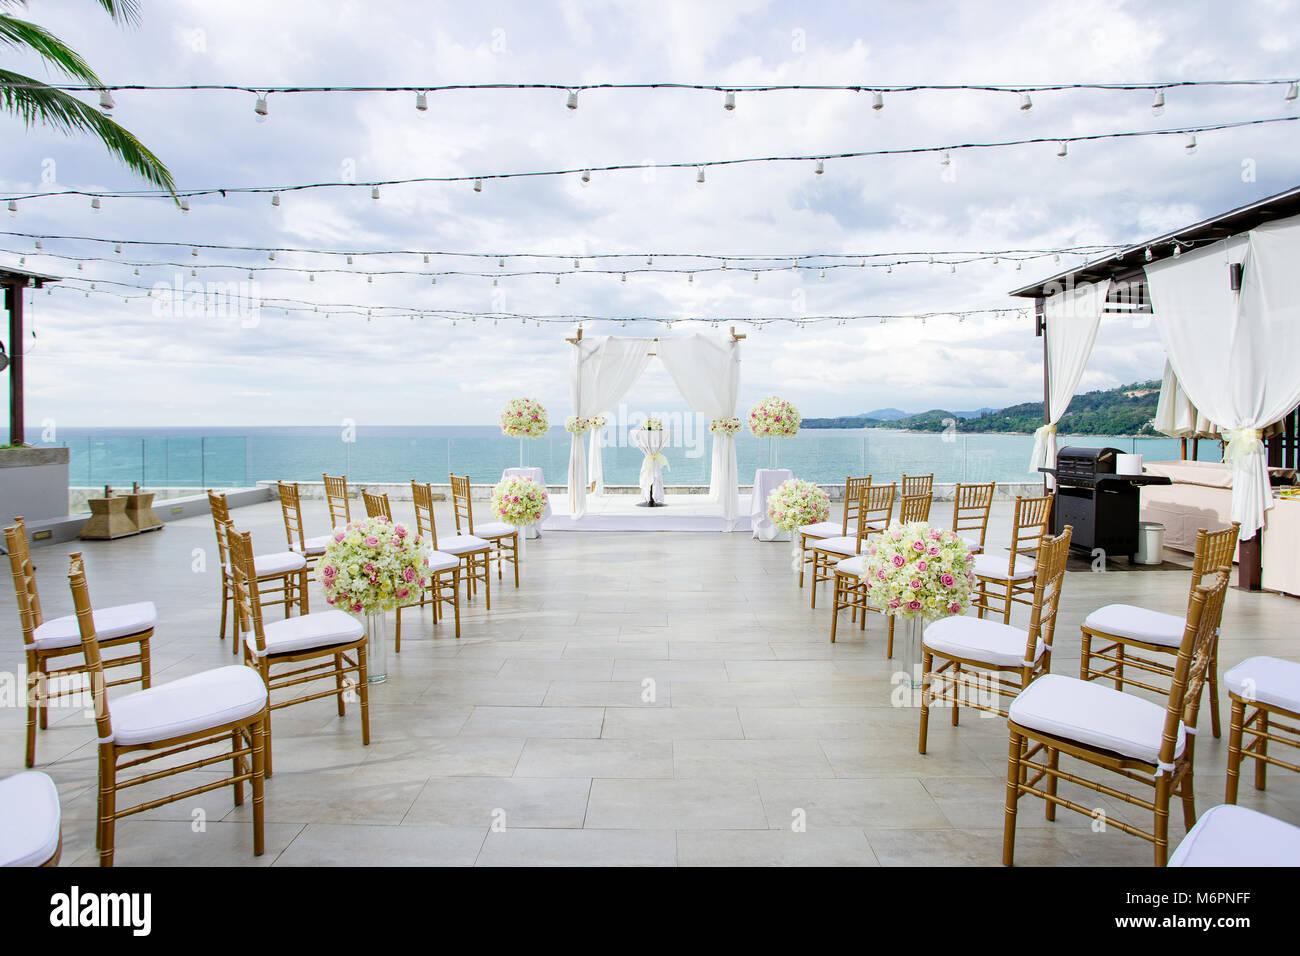 La salle de mariage sur la falaise, l\u0027or blanc thème des chaises pour  l\u0027invité, la vue panoramique sur l\u0027océan au coucher du soleil